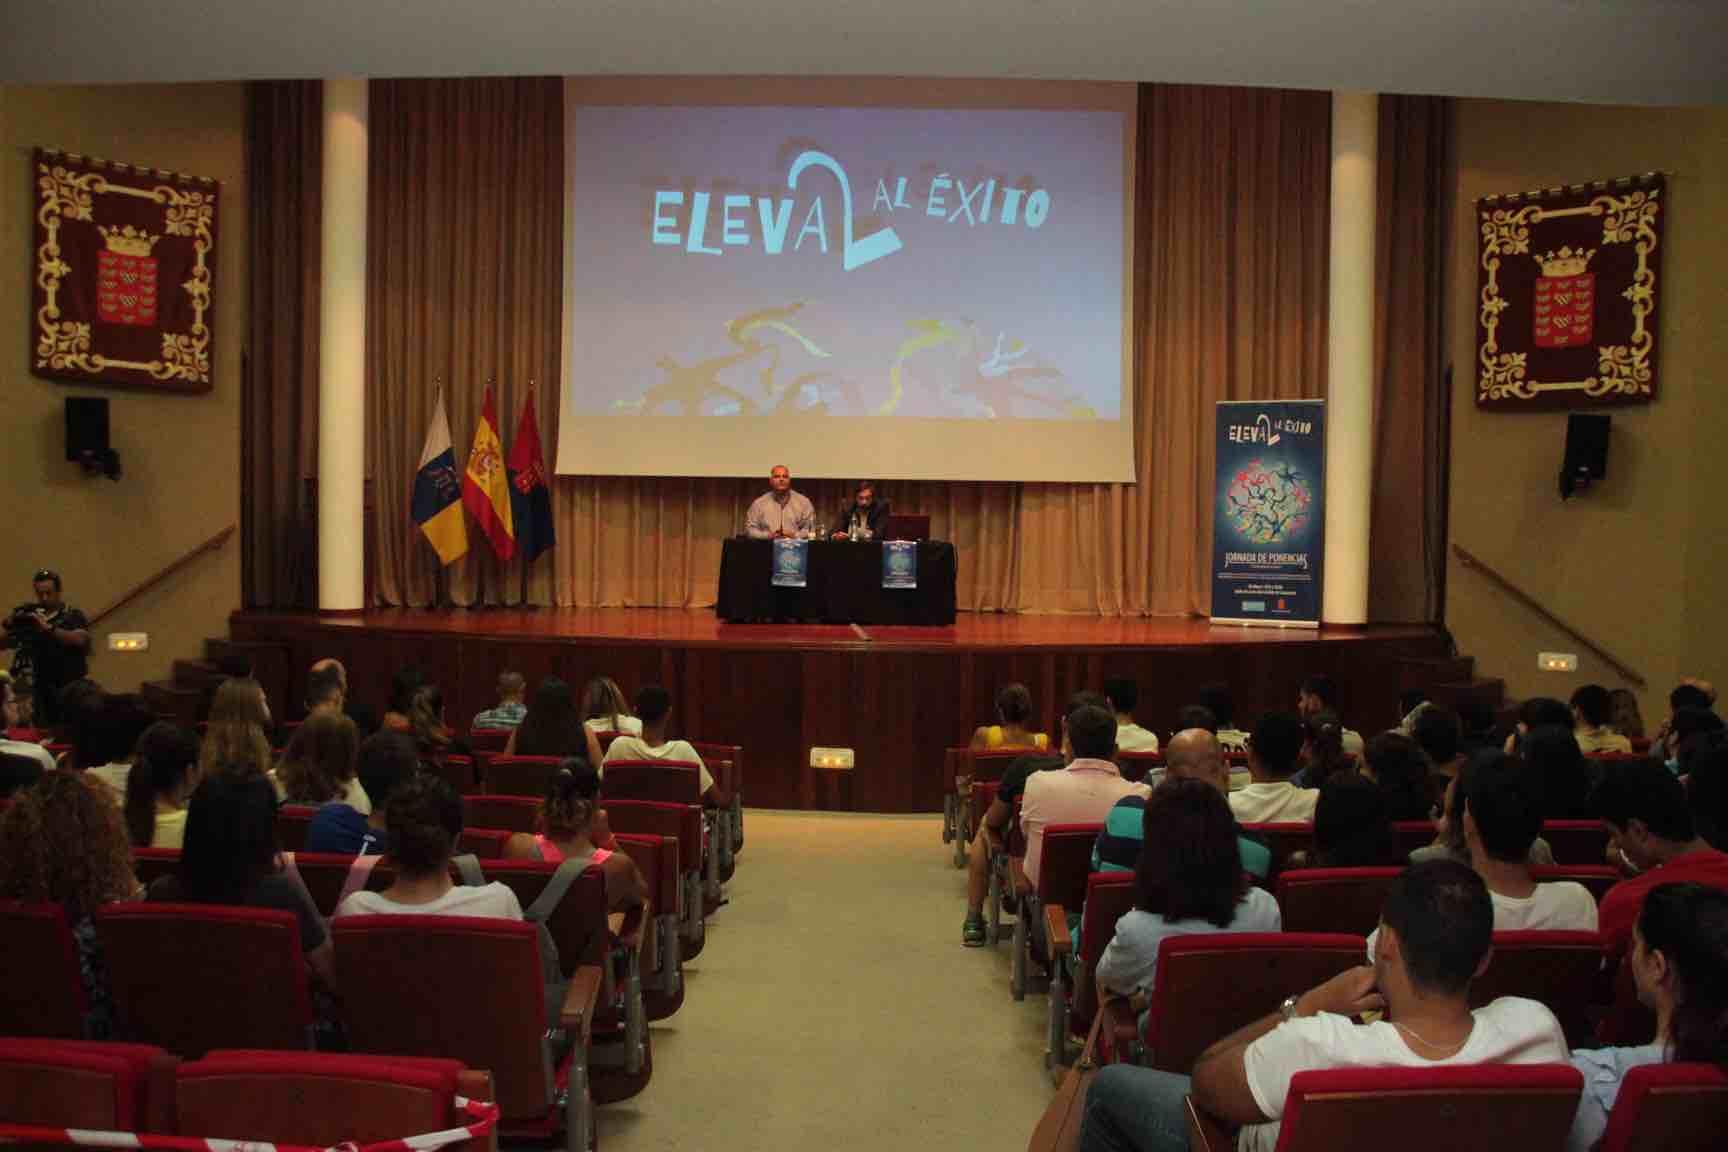 El Cabildo de Lanzarote organizó la jornada 'Eleva2 al éxito' para 300 estudiantes que se están formando y creando su futuro